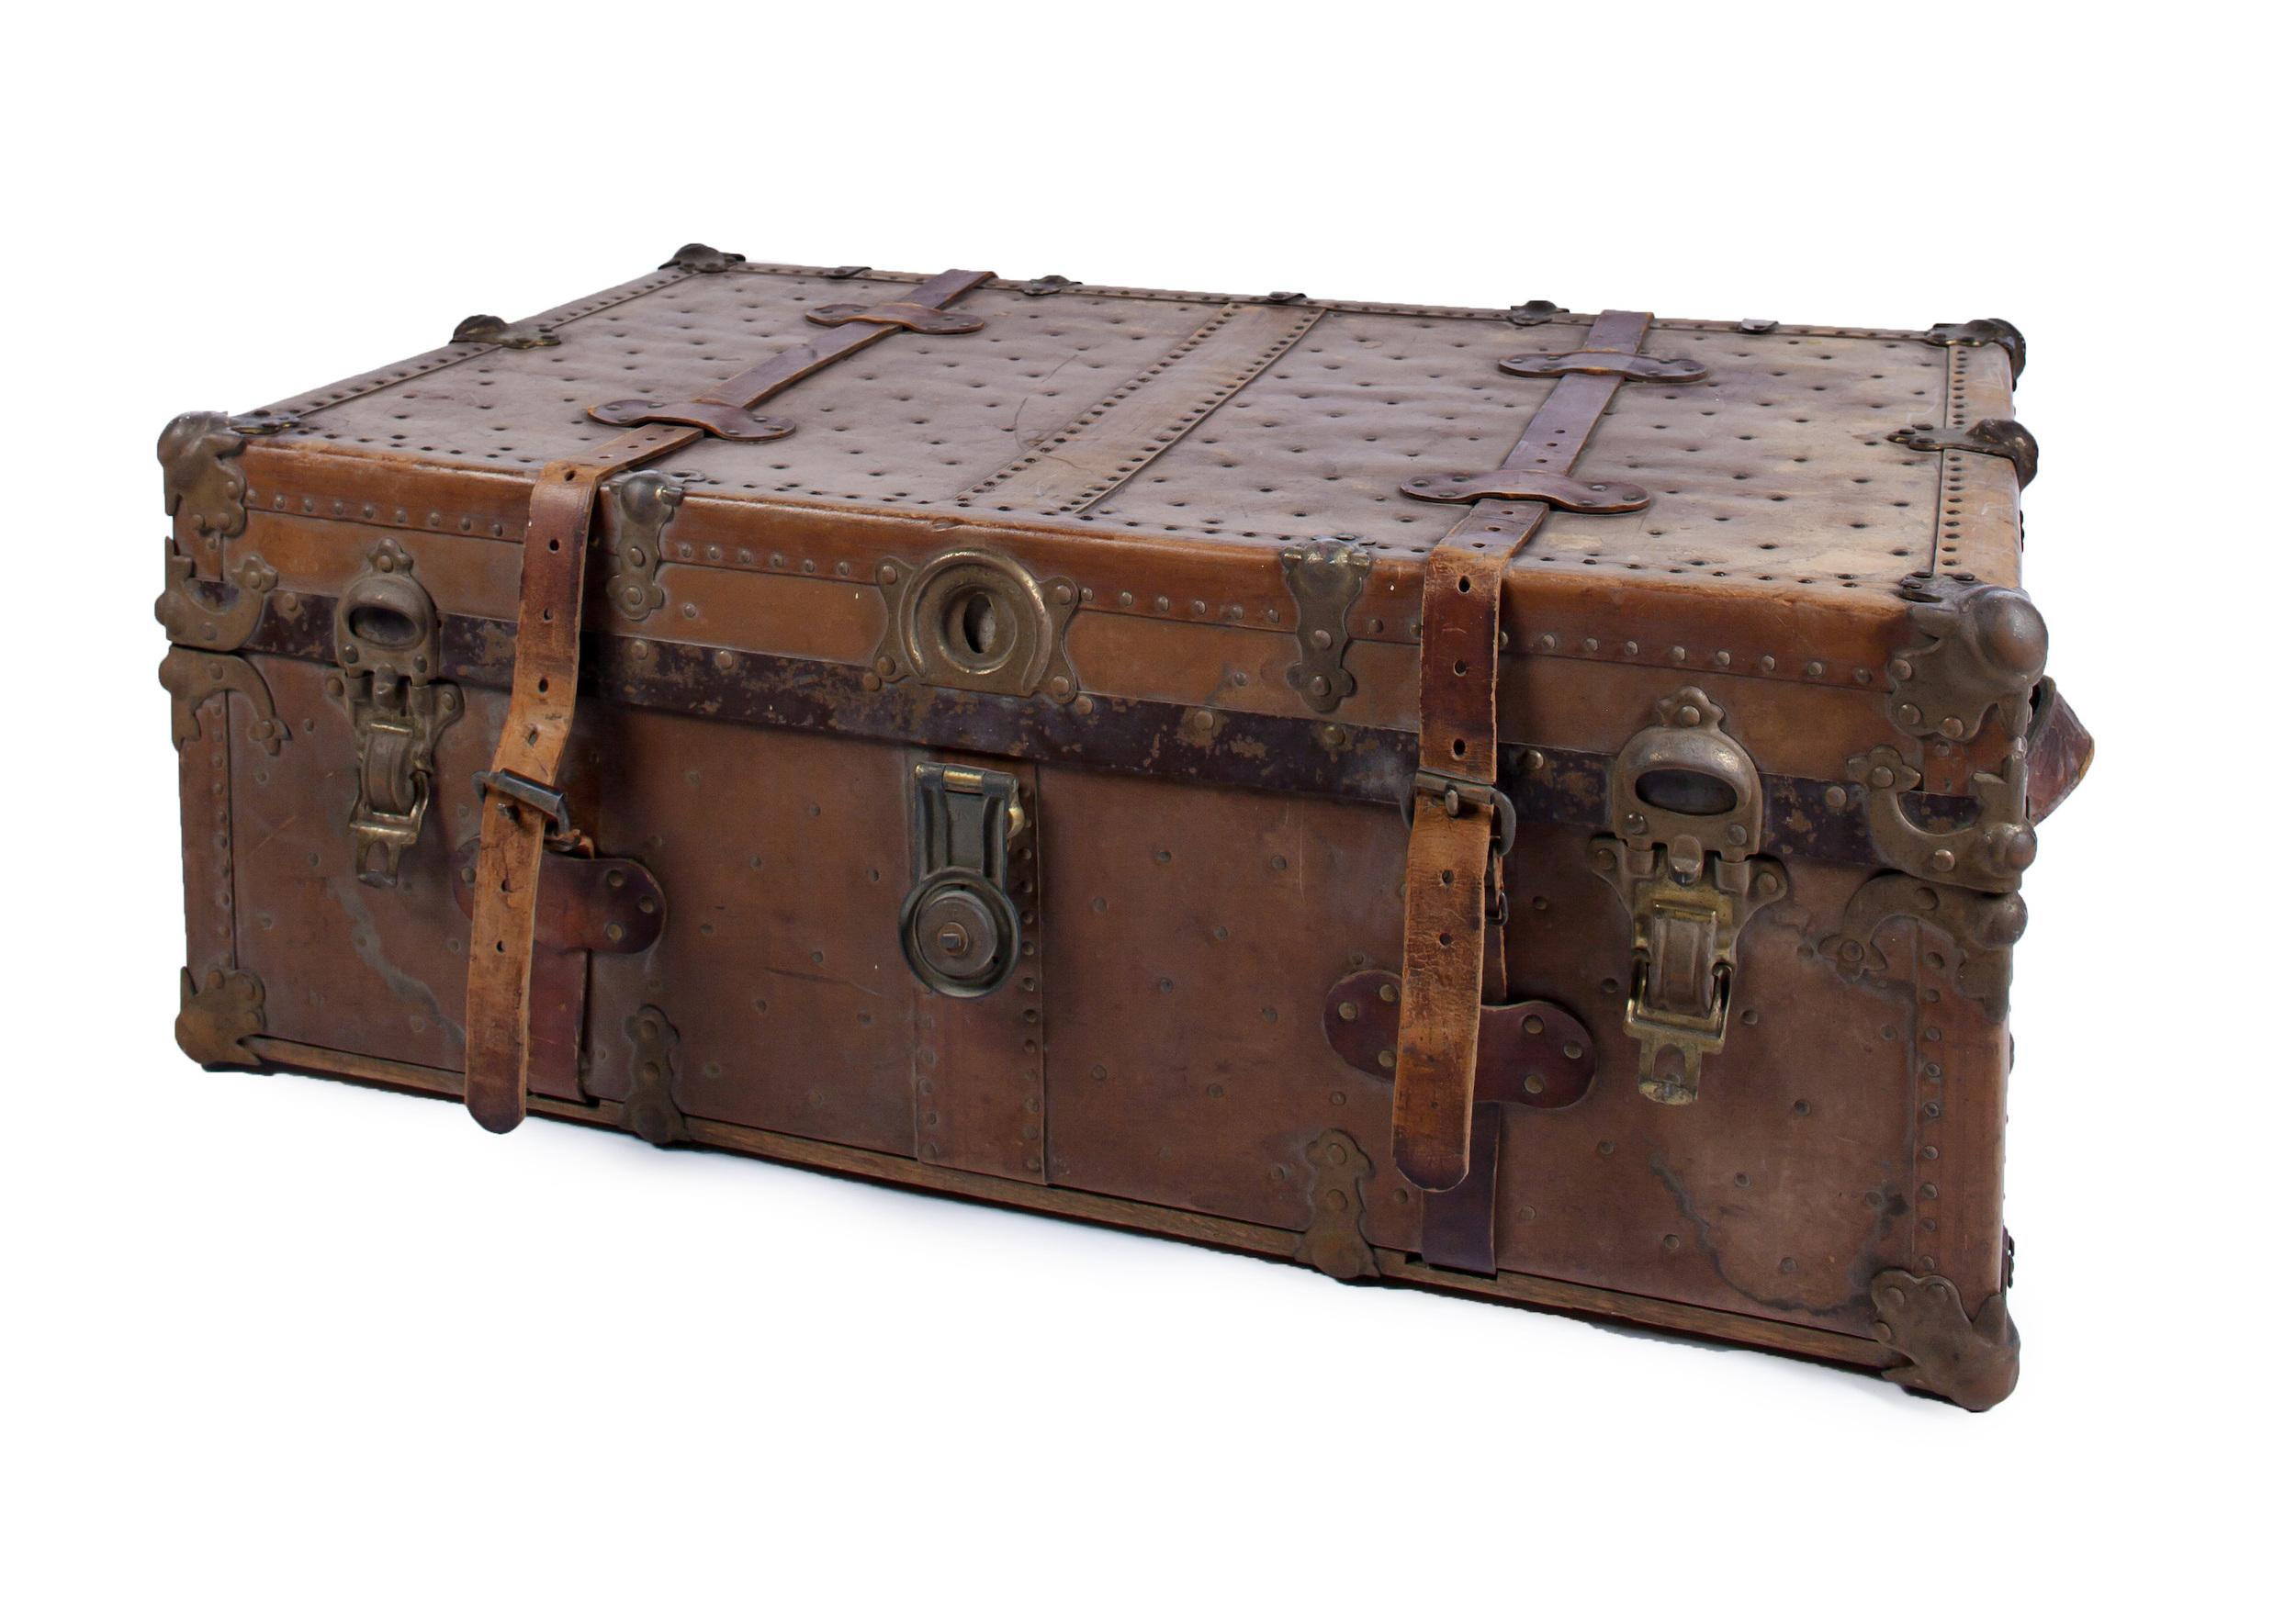 Antique Leather Suitcase w/ metal details